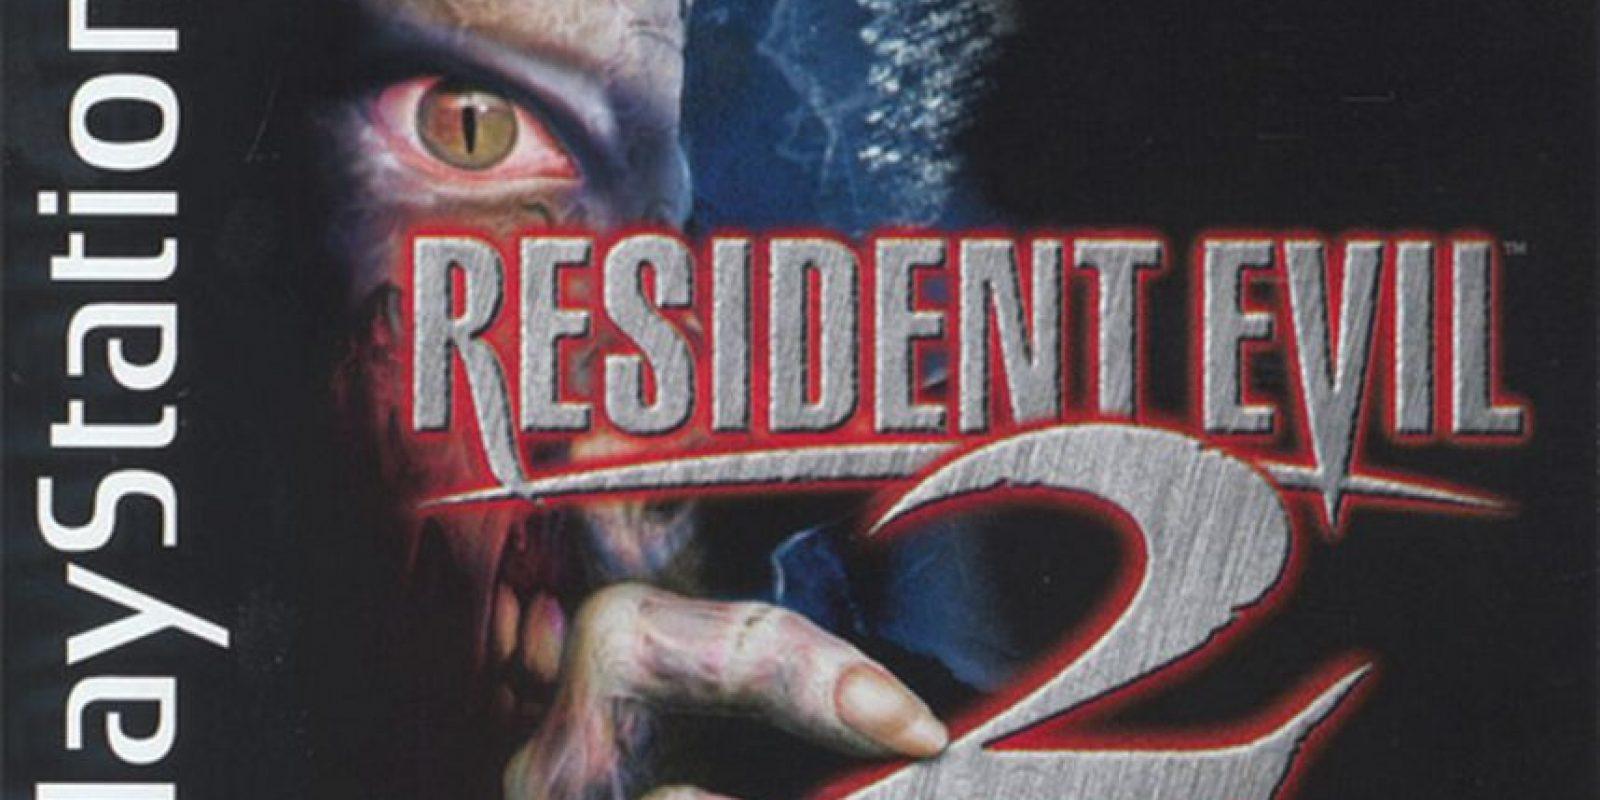 La segunda parte fue estrenada para la misma consola en 1998 Foto:Capcom